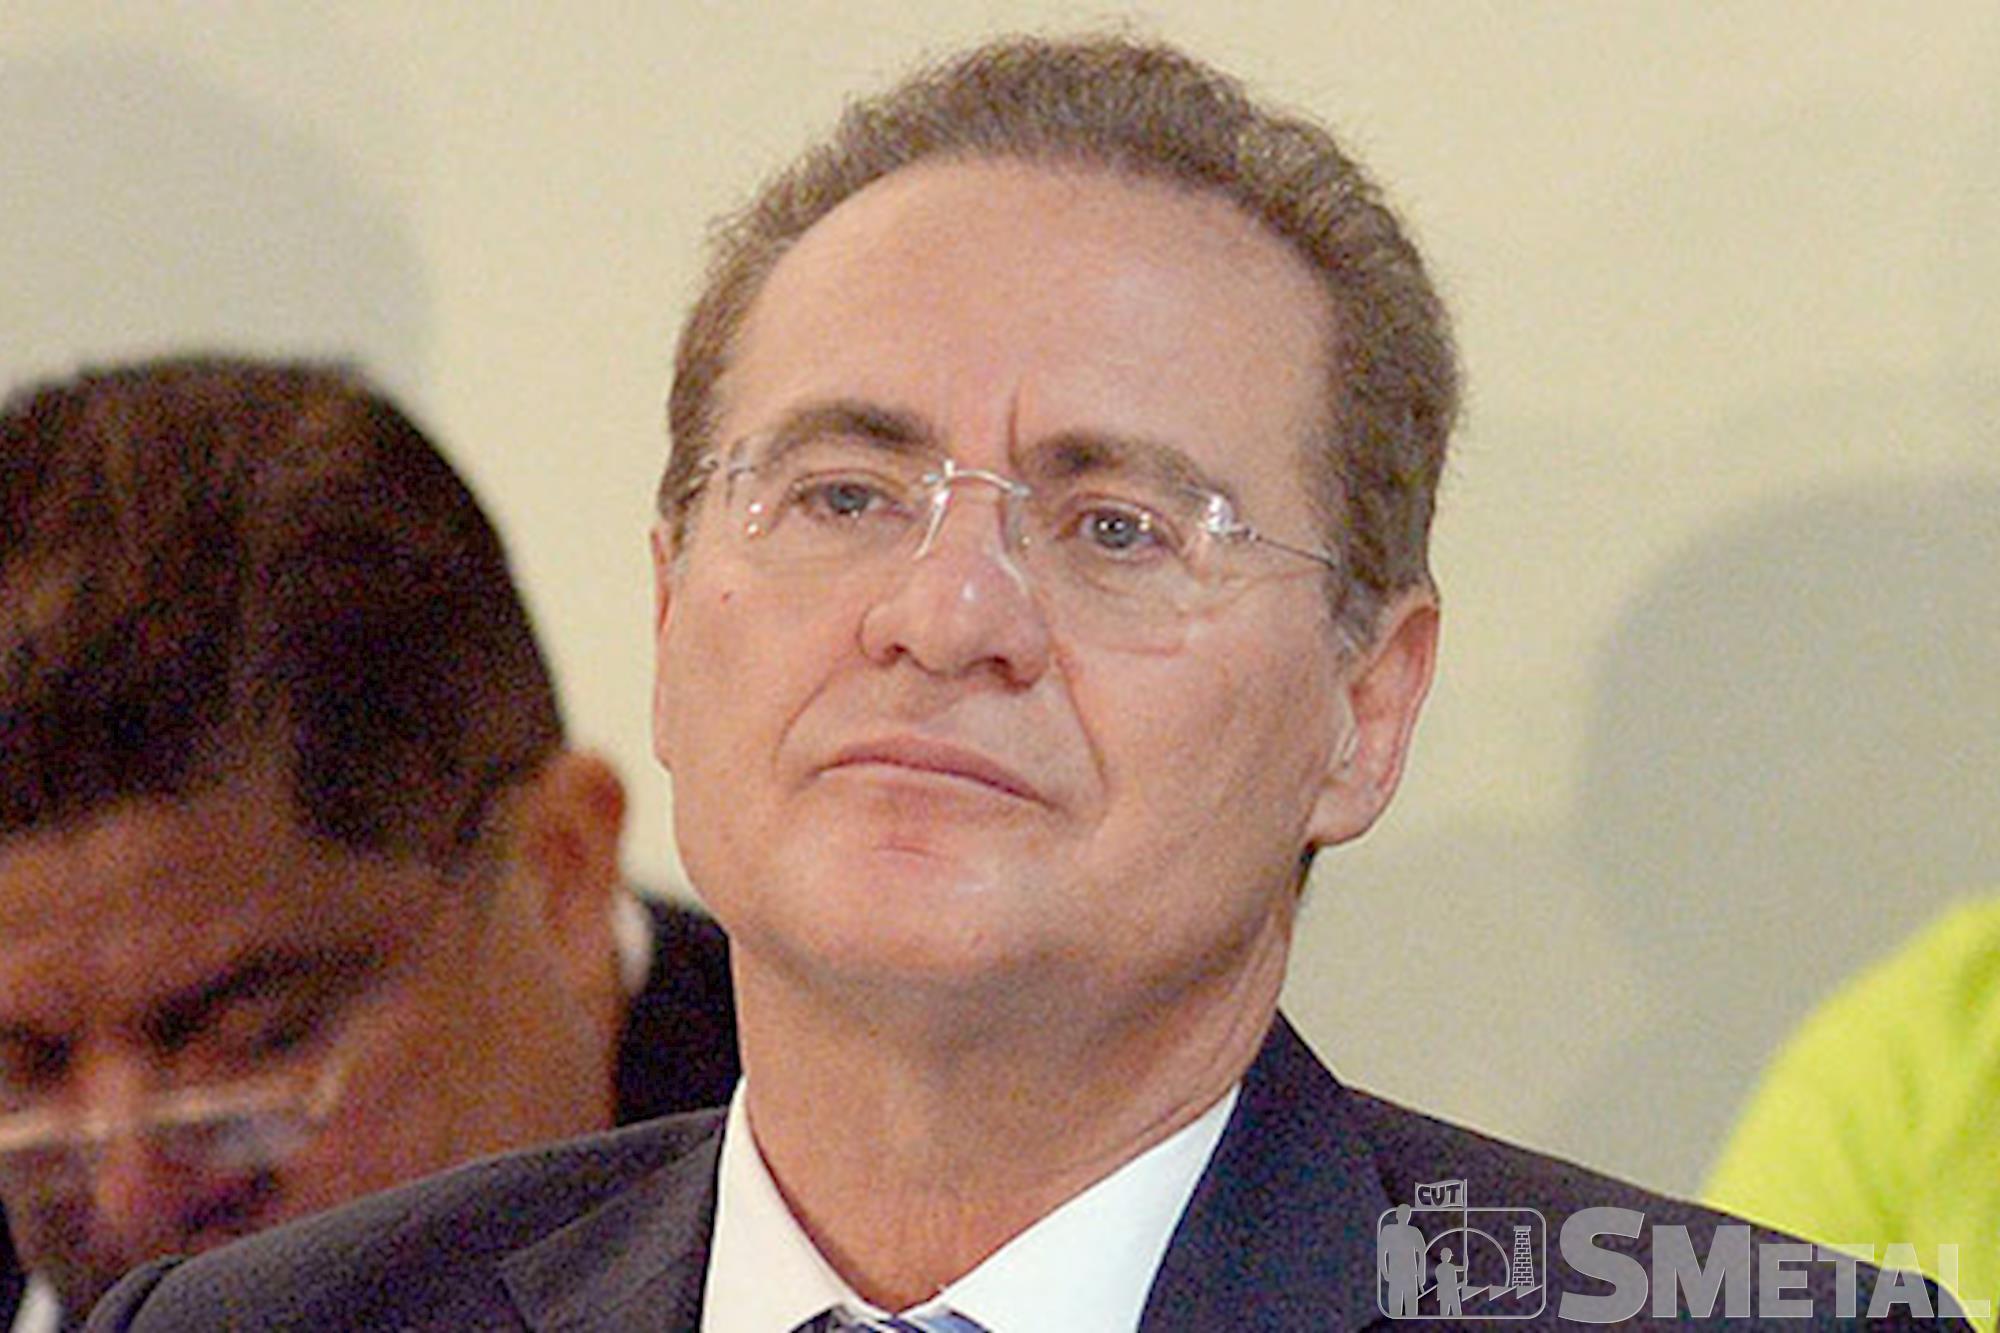 Presidente do Senado: Renan Calheiros, Quatro políticos do PMDB receberam pedido de prisão